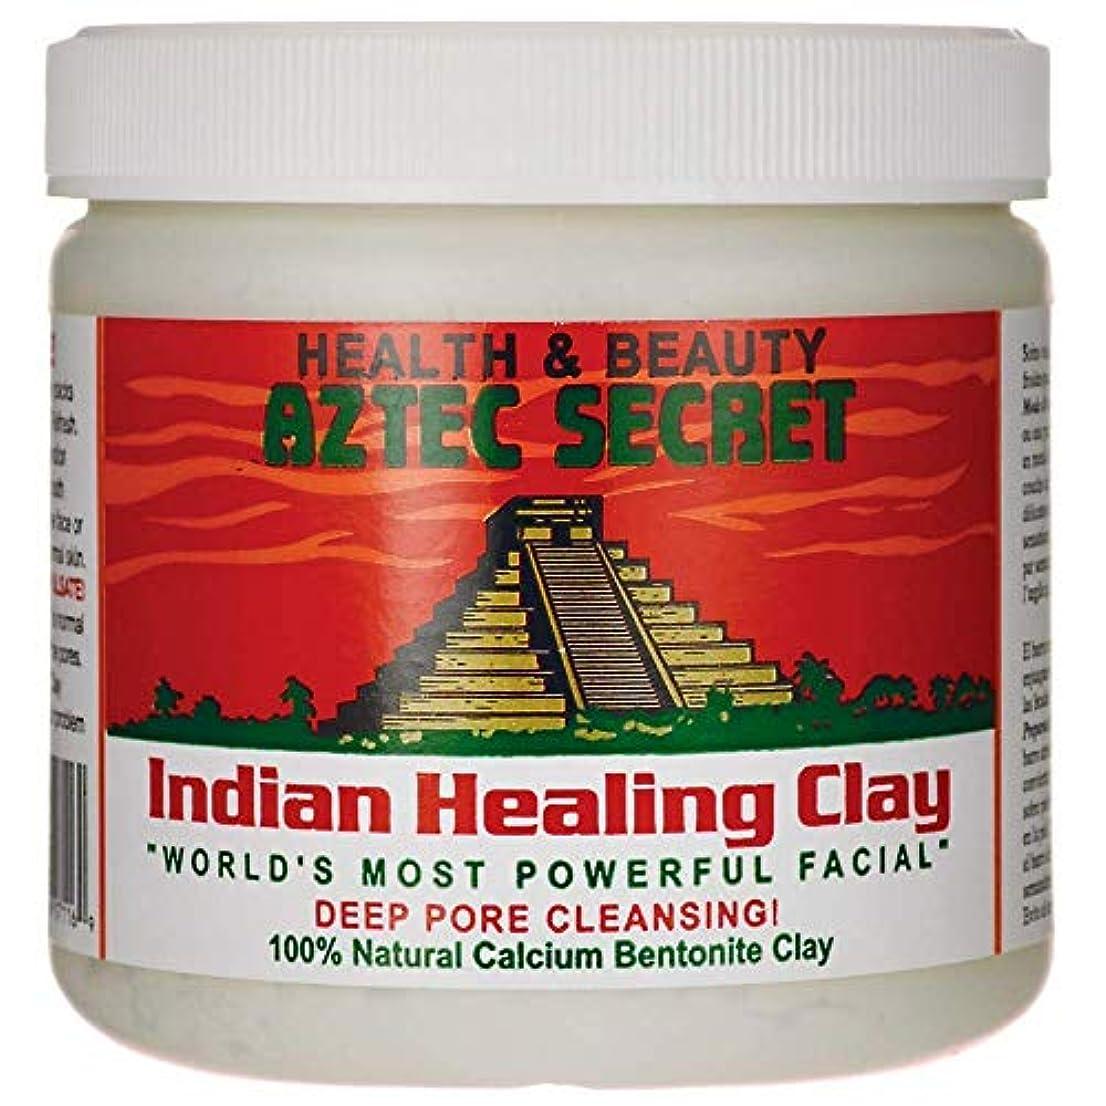 コール年齢豊富Aztec Secret 1 Lbをオリジナルの100%天然カルシウムベントナイト粘土をマスクディープポアクレンジング?フェイシャル&ボディヒーリング 1ポンド